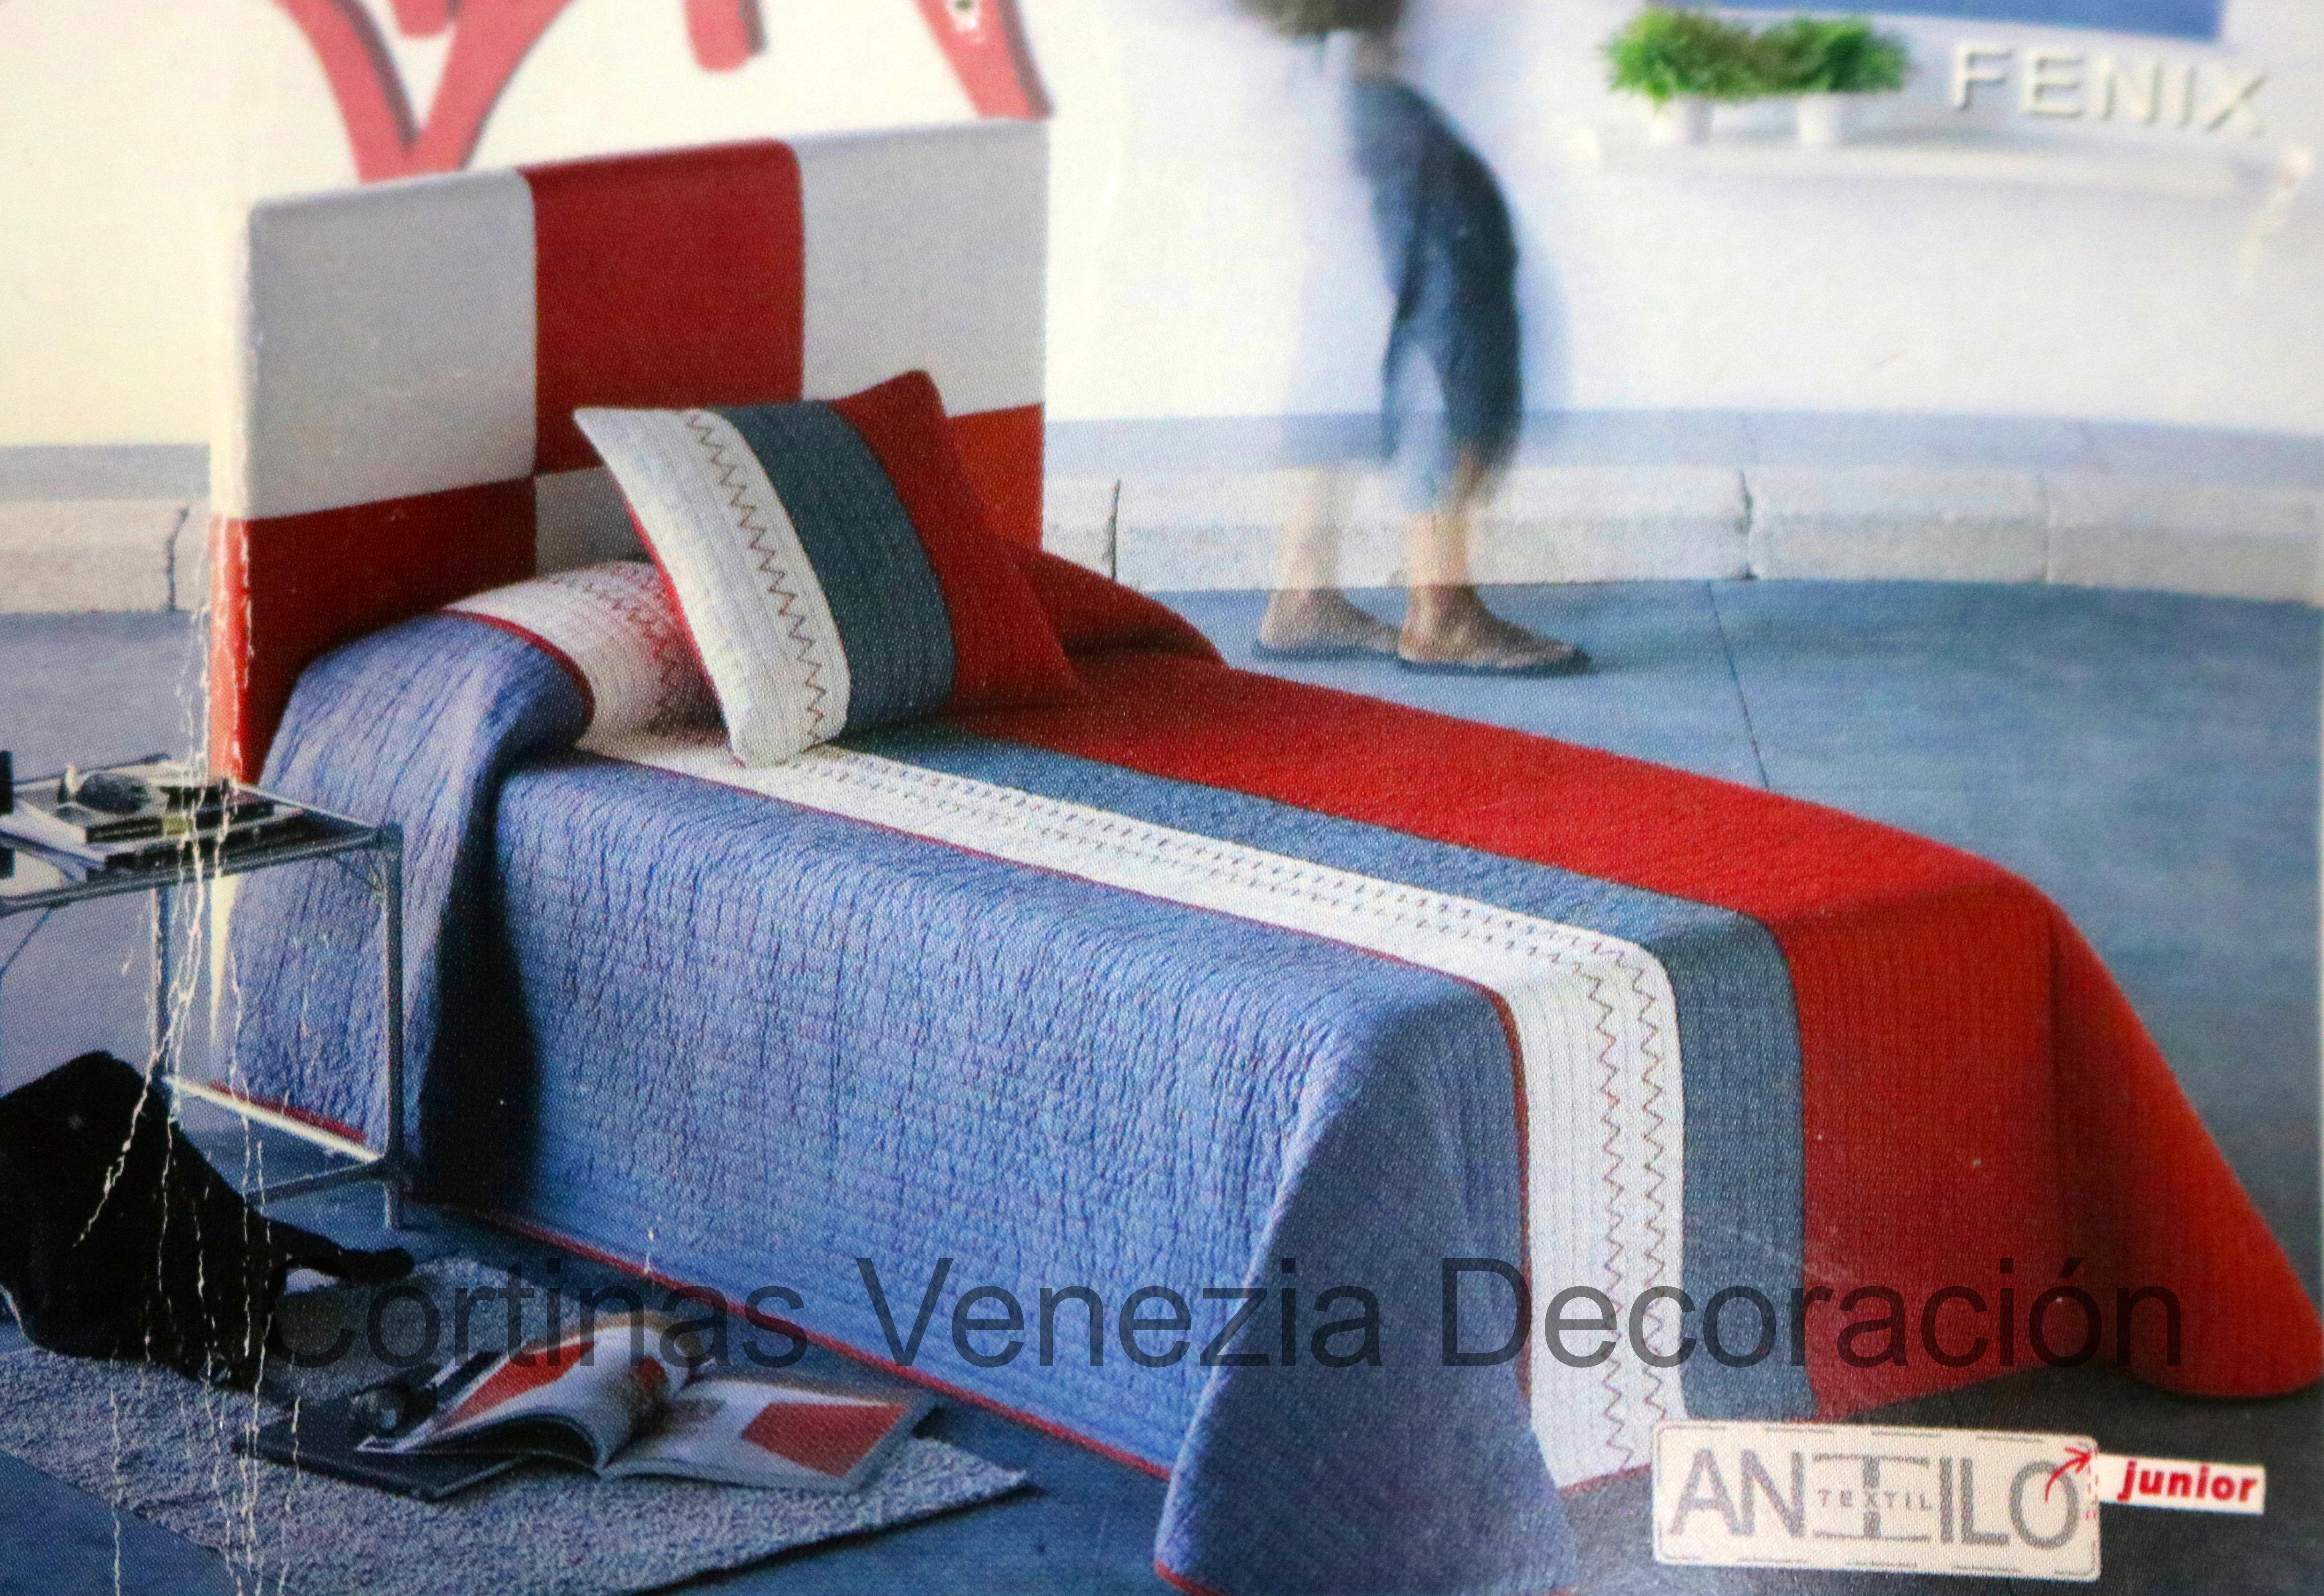 Fenix Rojo: Catálogo de Venezia Decoración